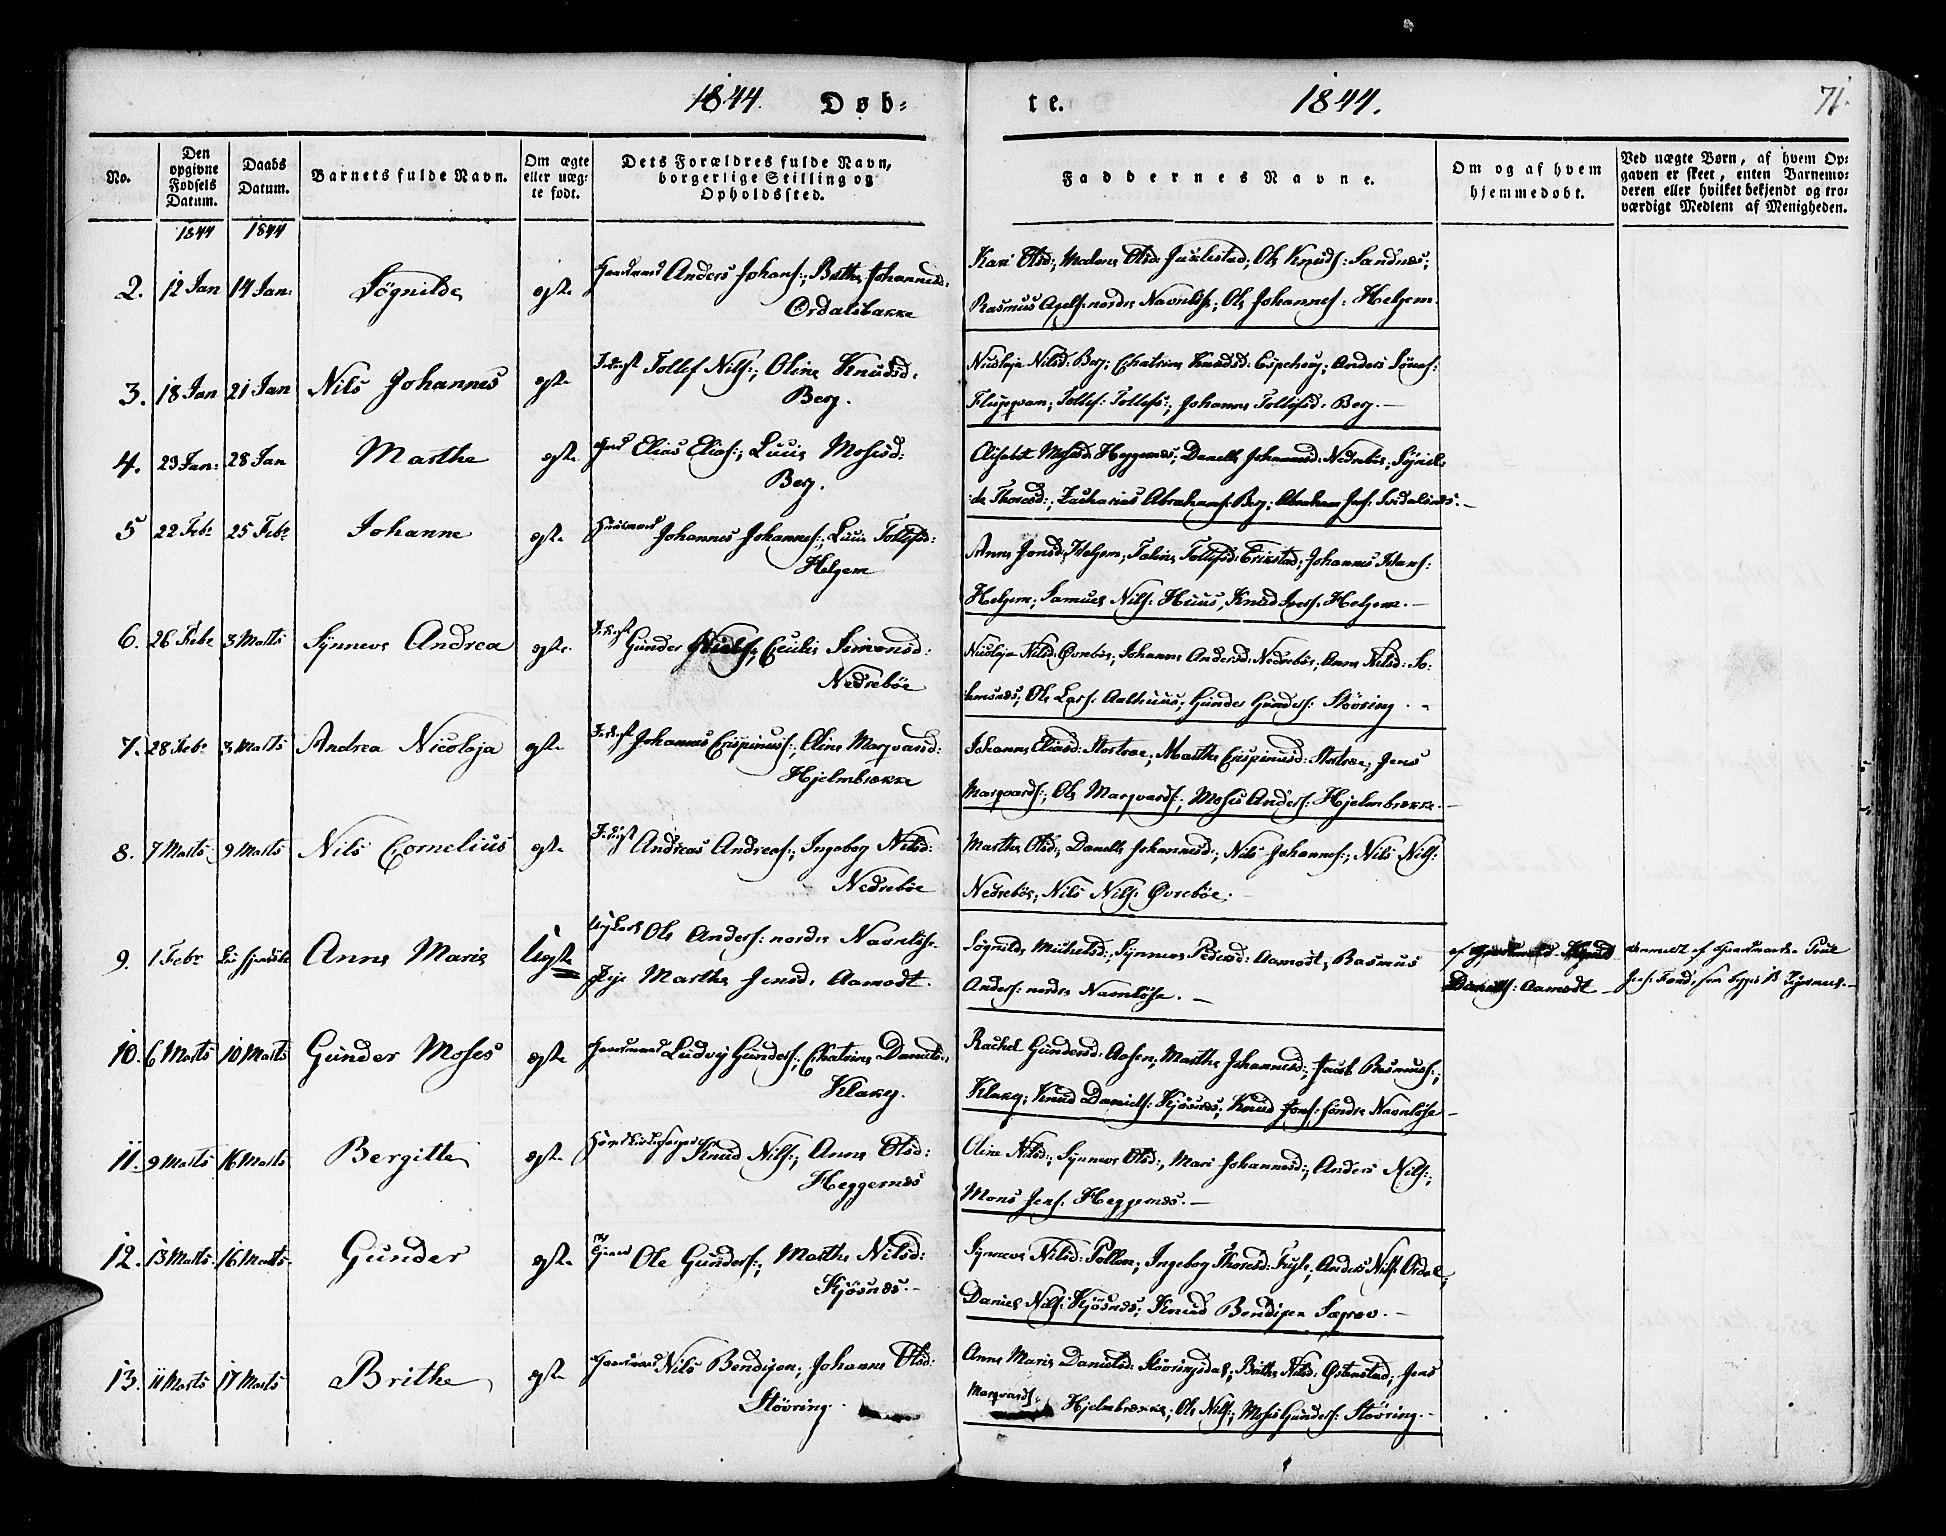 SAB, Jølster sokneprestembete, H/Haa/Haaa/L0009: Ministerialbok nr. A 9, 1833-1848, s. 71